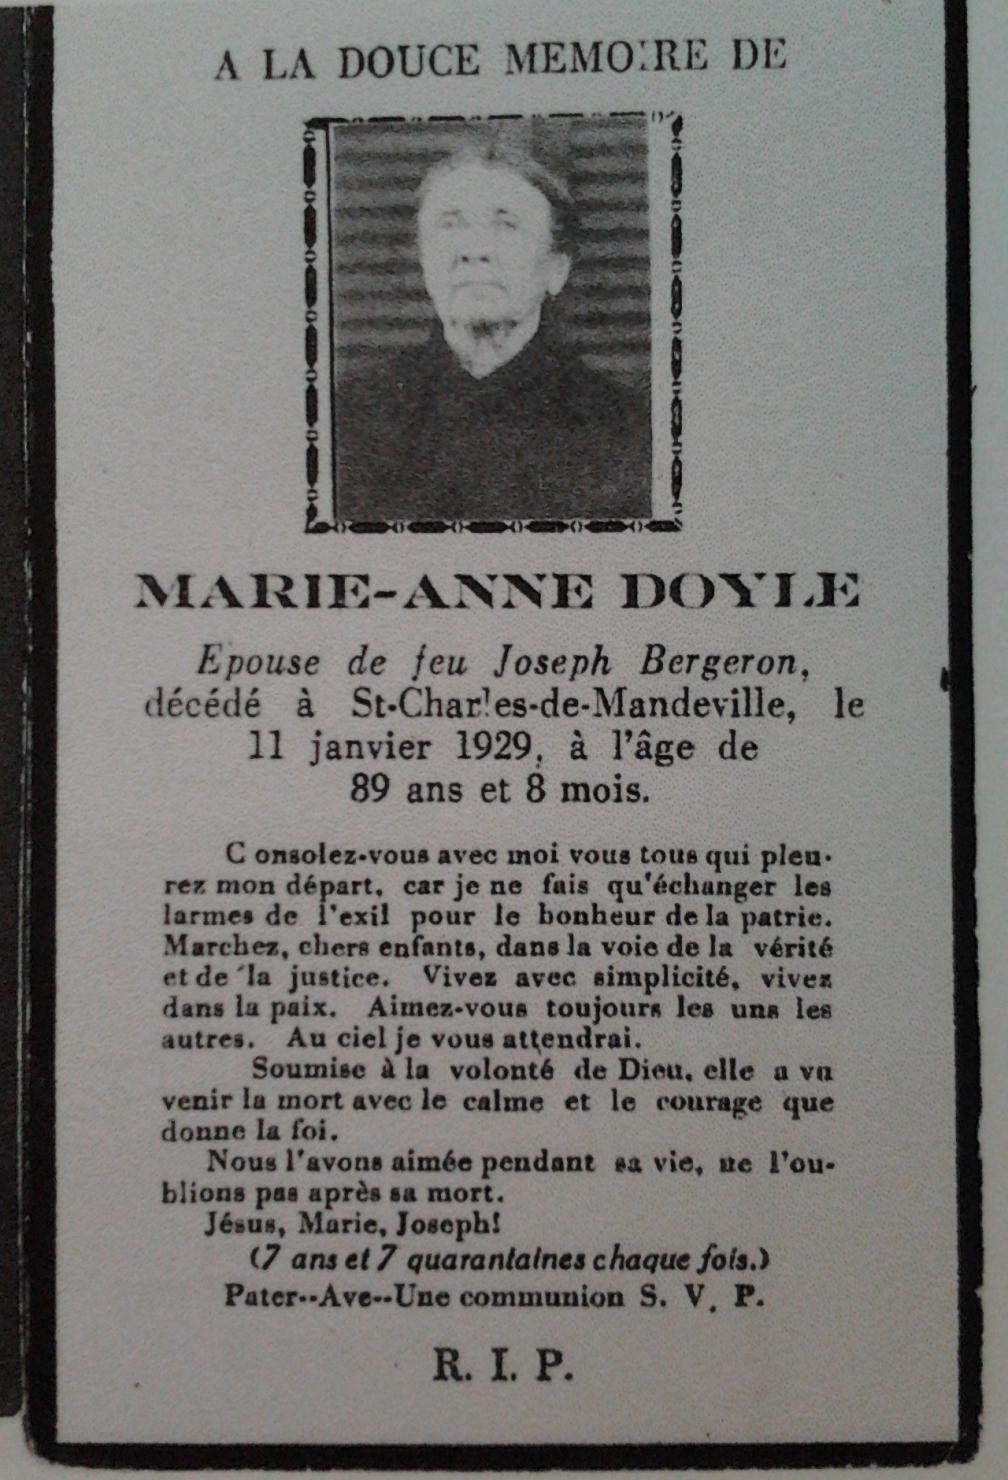 Marie-Anne Doyle